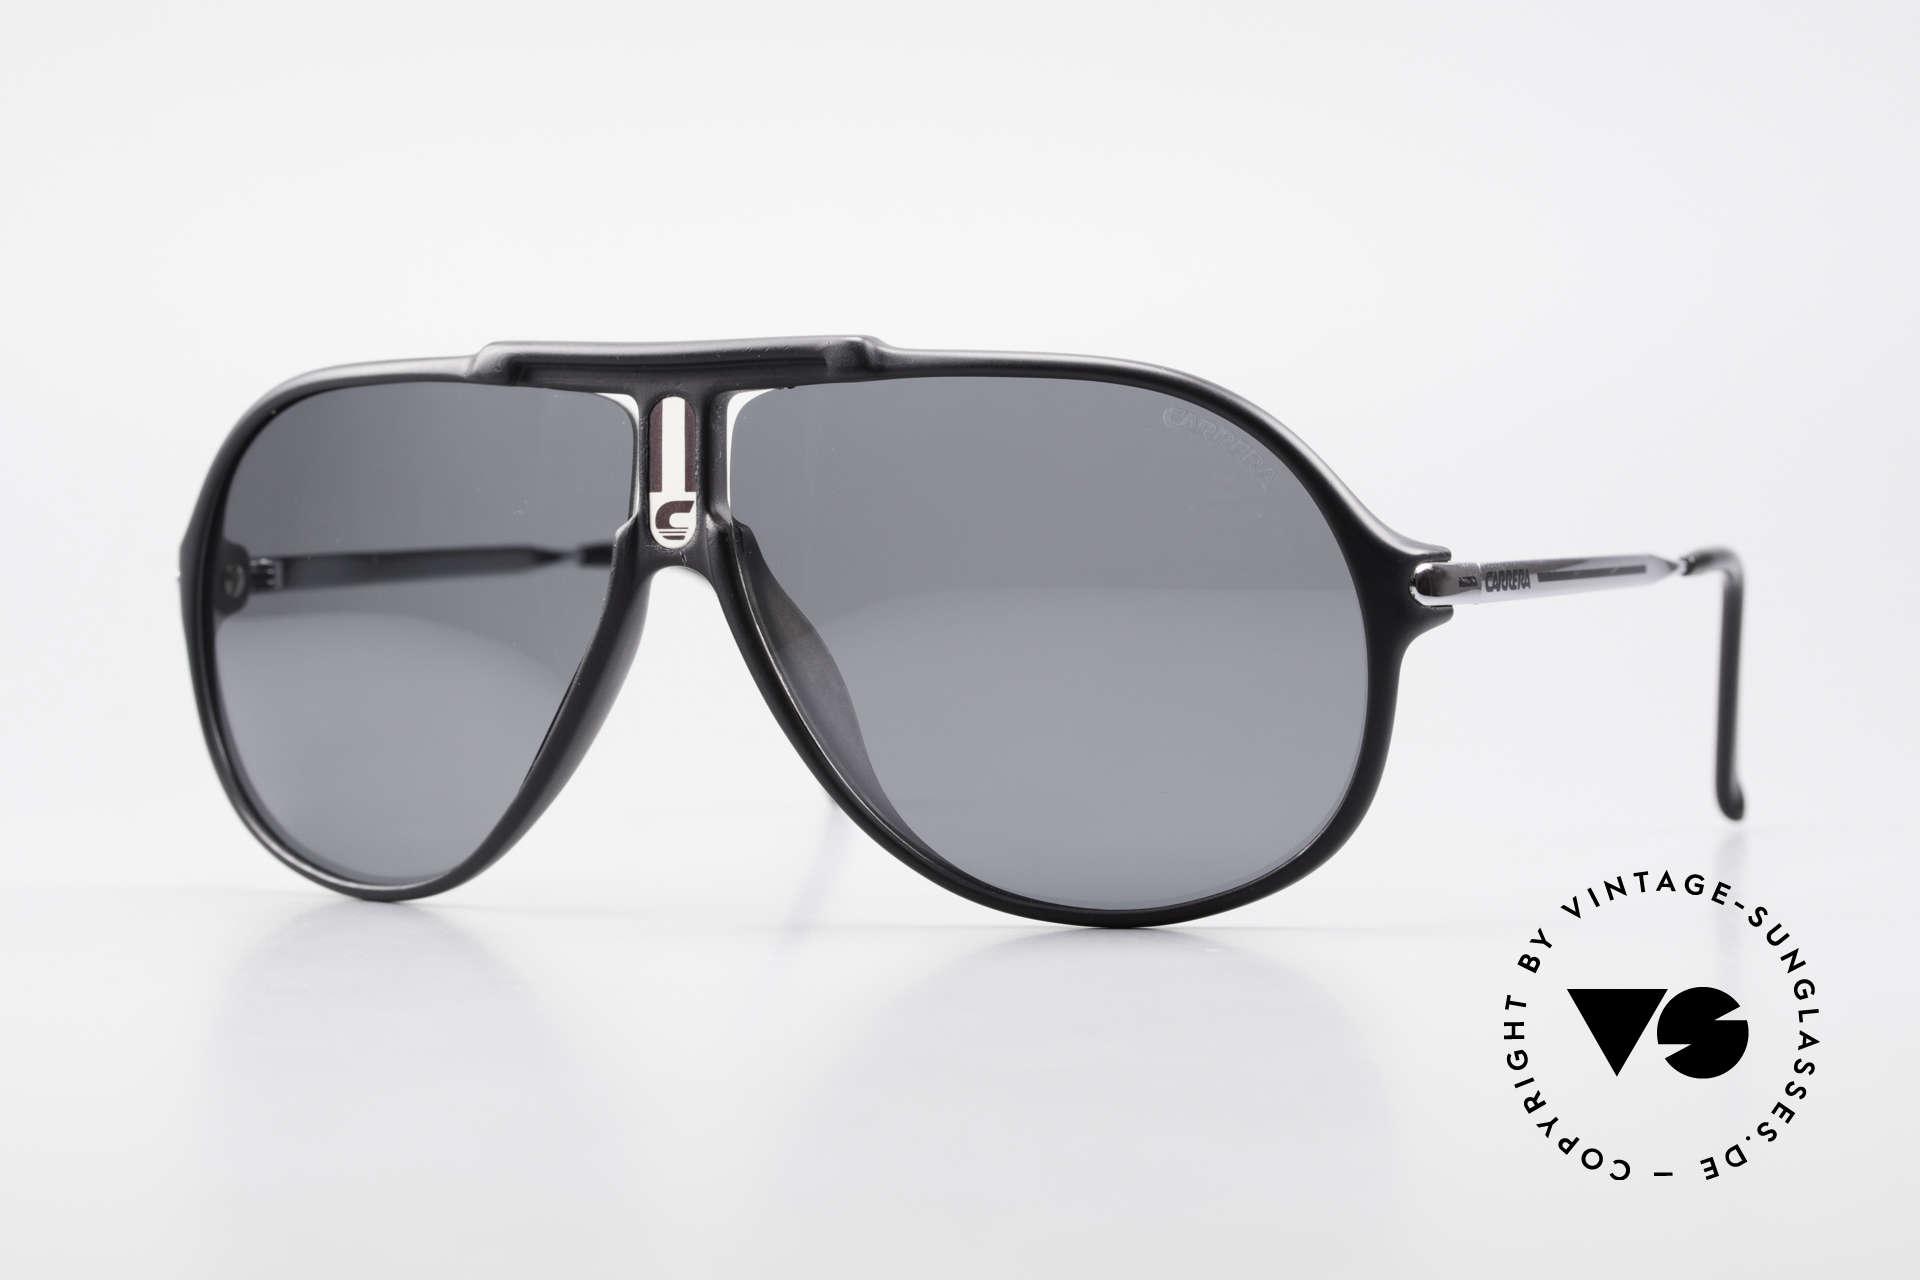 Carrera 5590 Polarisierende Sonnenbrille, sportlich elegante 80er Jahre CARRERA Aviator-Brille, Passend für Herren